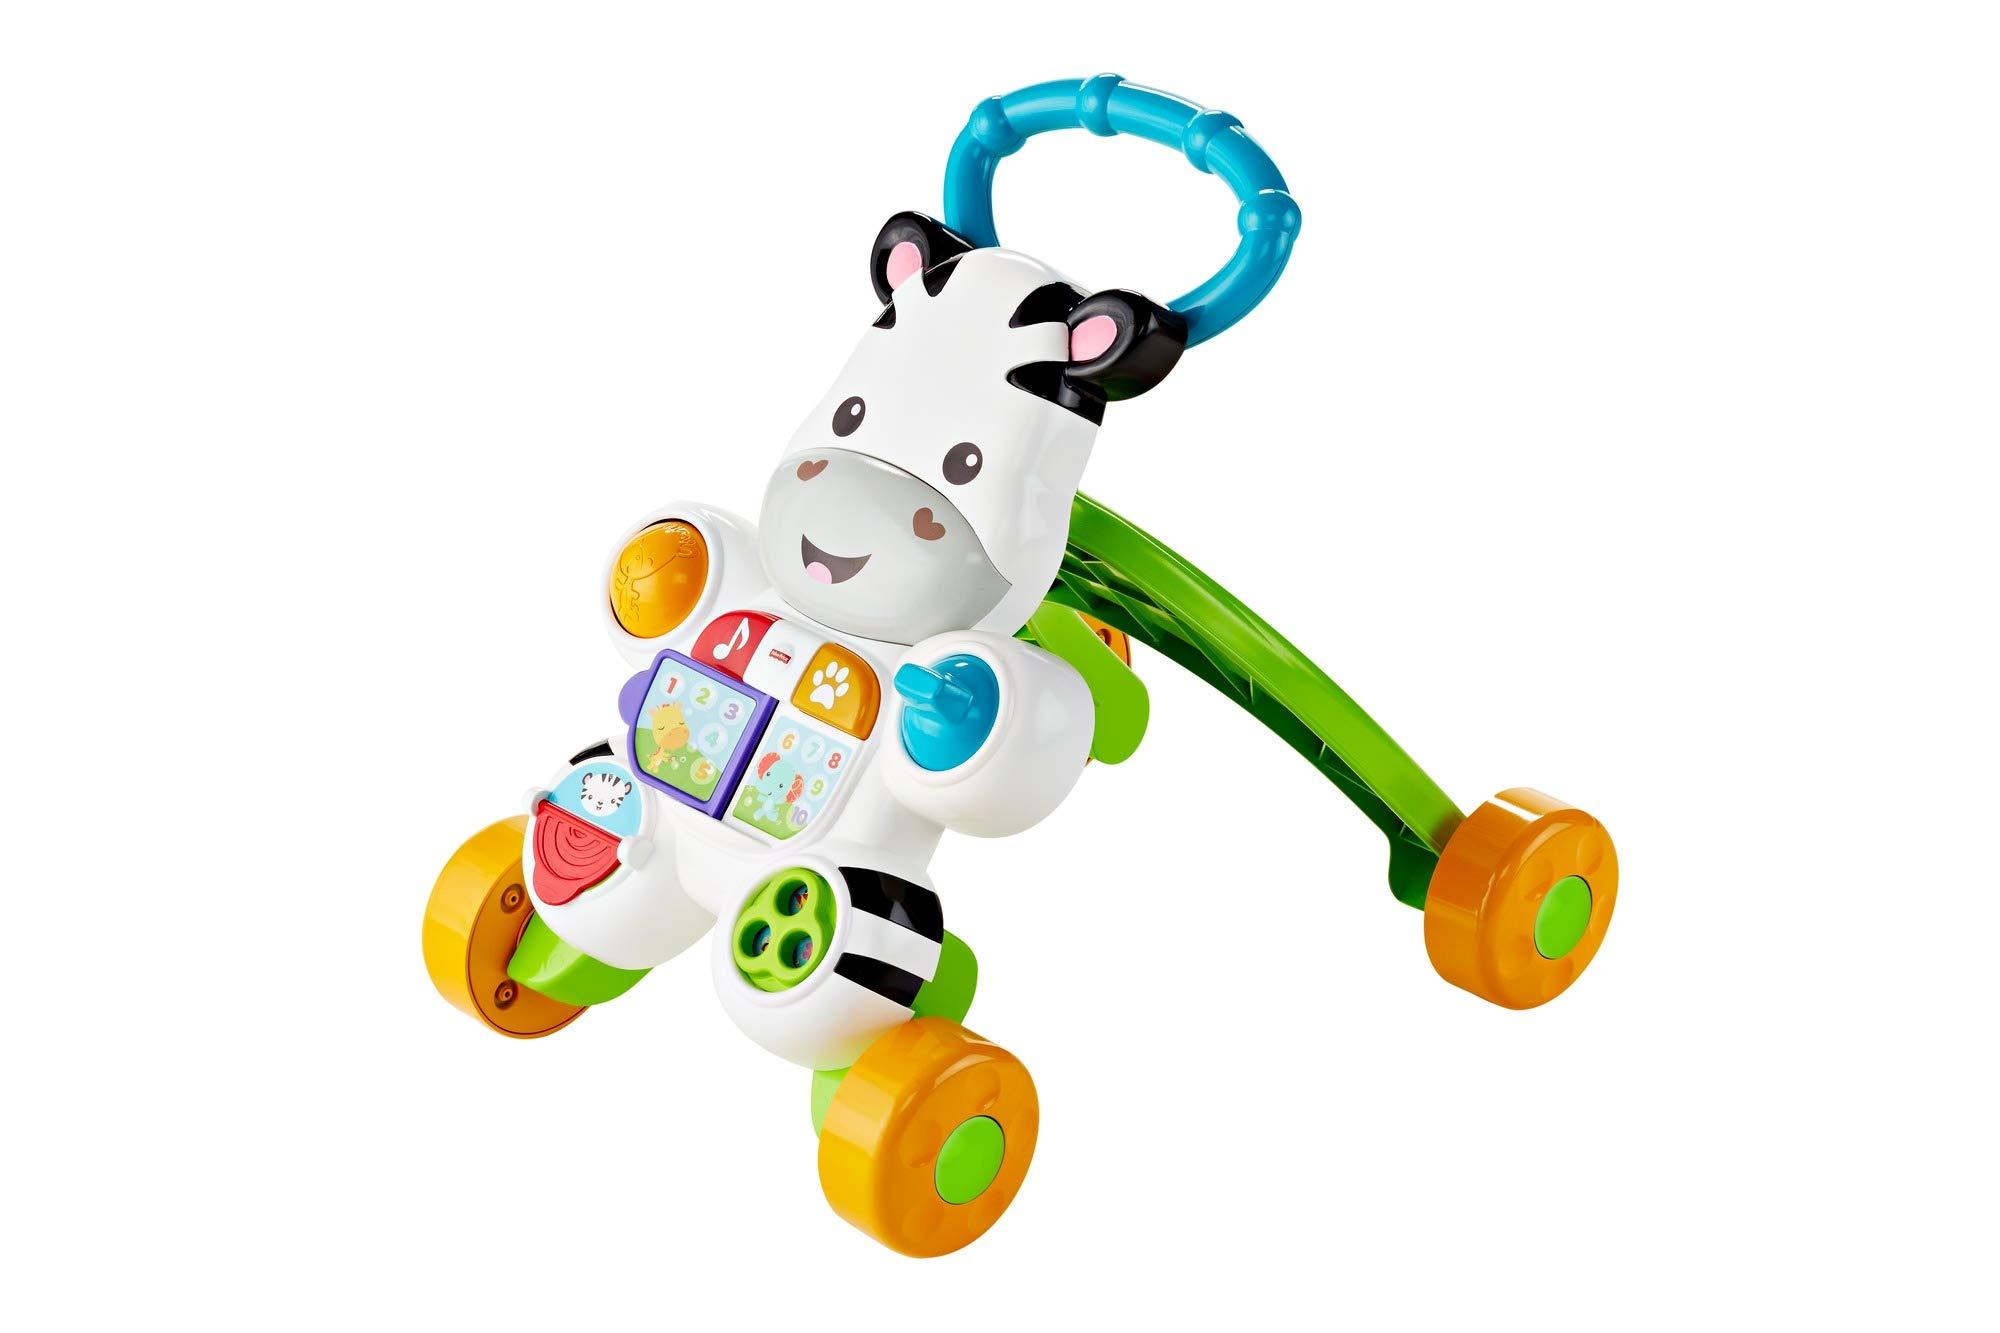 Fisher-Price Mon Trotteur Zèbre Parlant pour apprendre à marcher avec musique et activités d'éveil, pour bébé de 6 mois et plus, version française, DLD96 product image